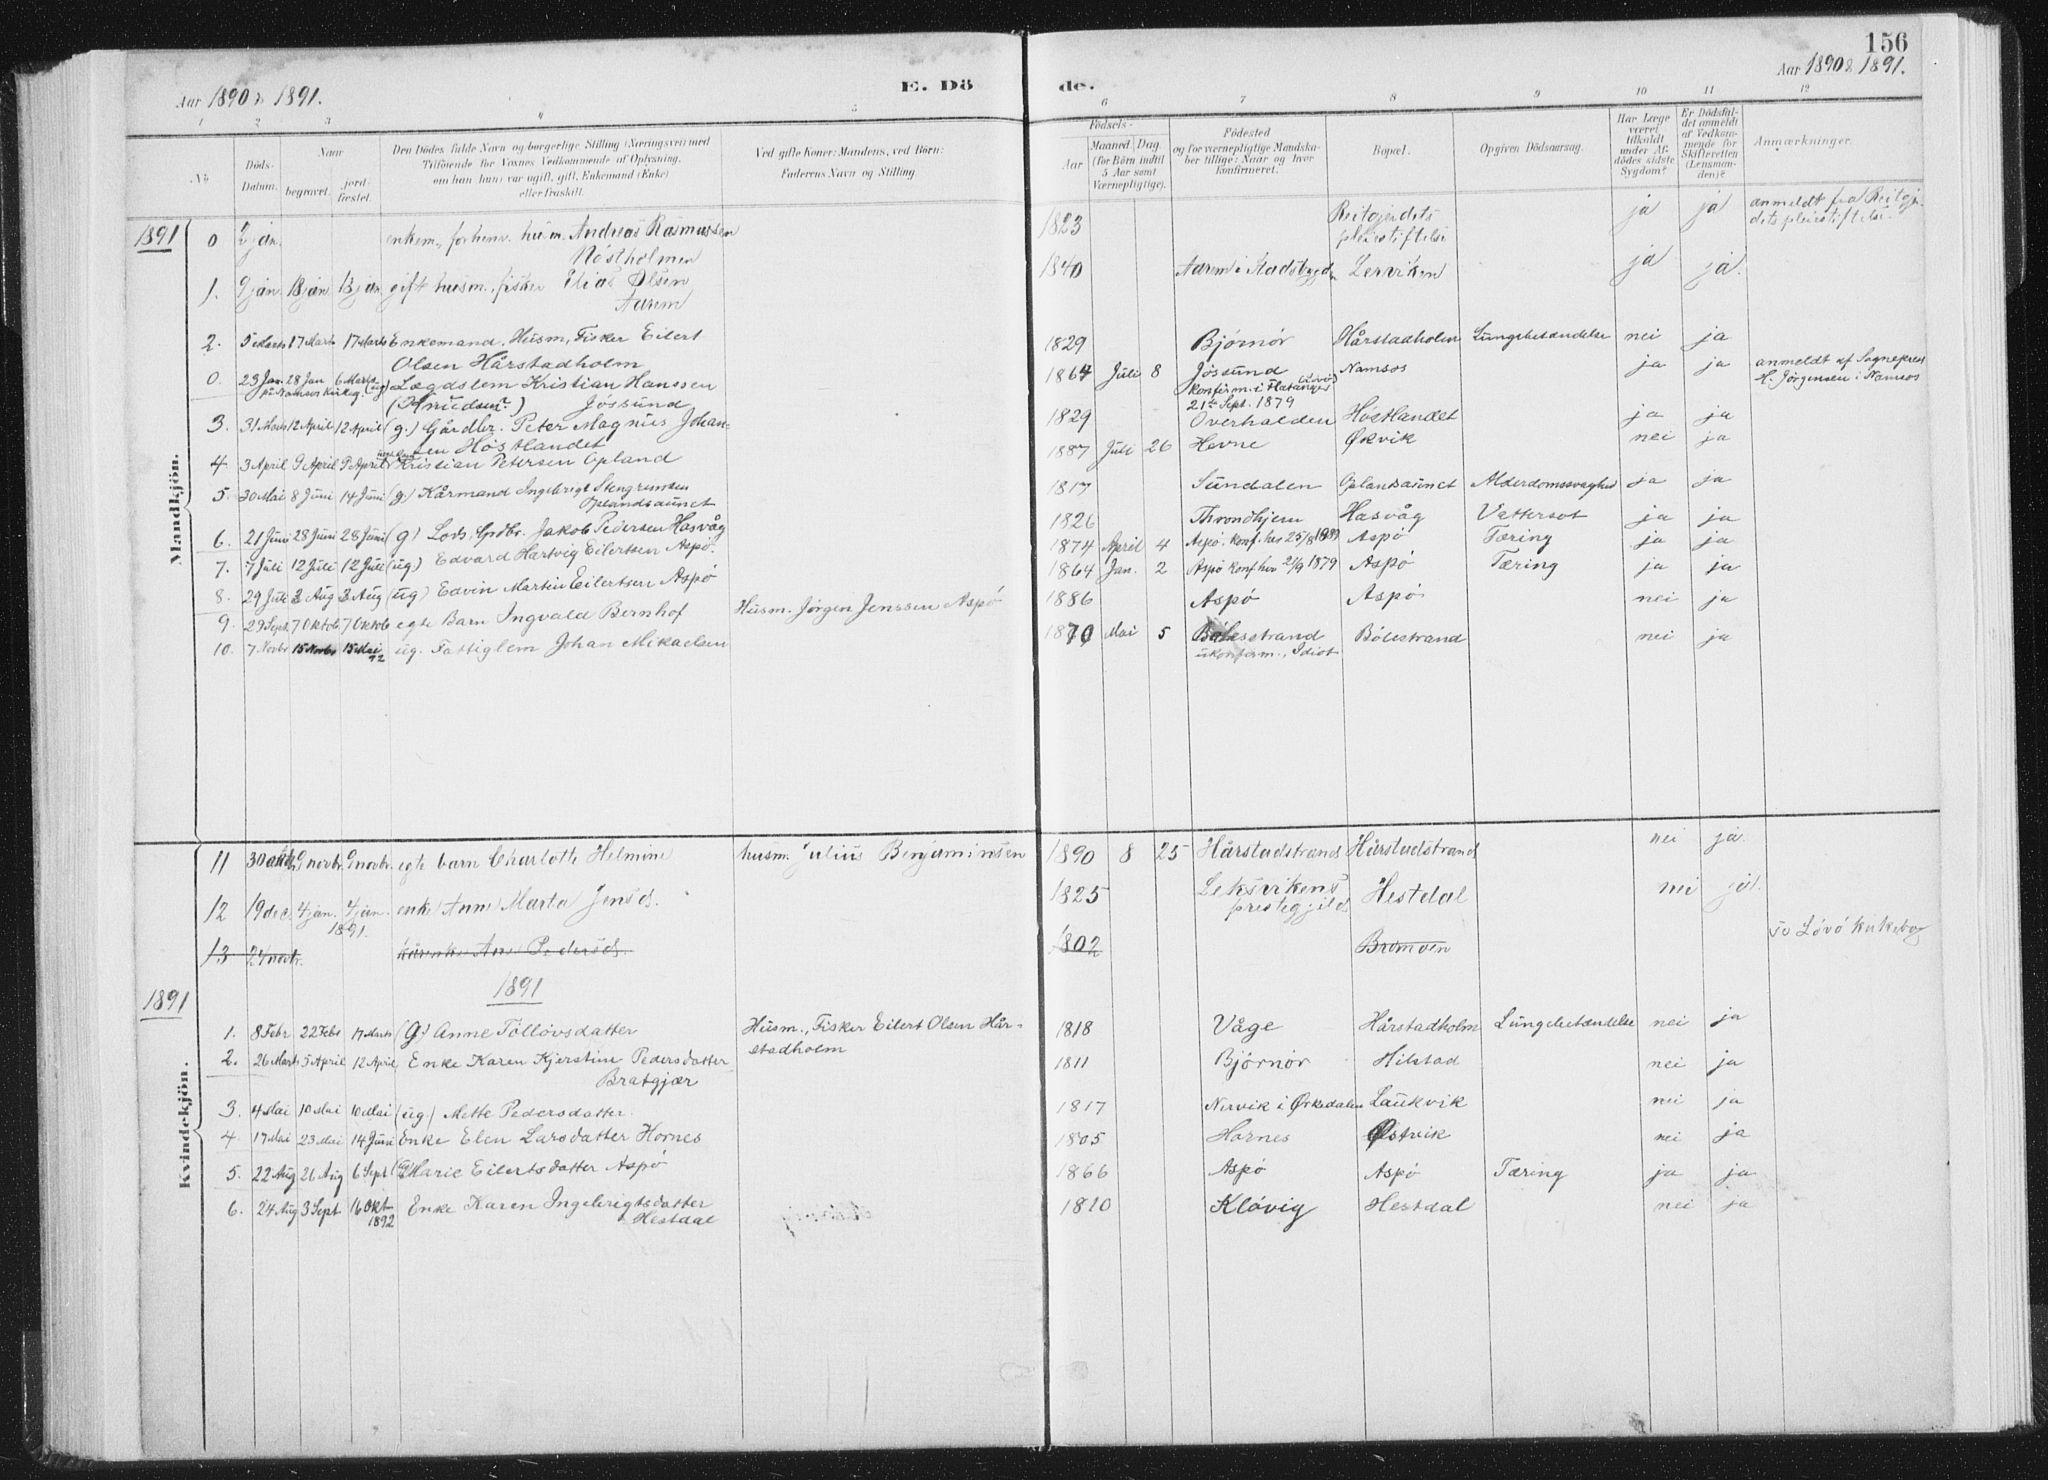 SAT, Ministerialprotokoller, klokkerbøker og fødselsregistre - Nord-Trøndelag, 771/L0597: Ministerialbok nr. 771A04, 1885-1910, s. 156